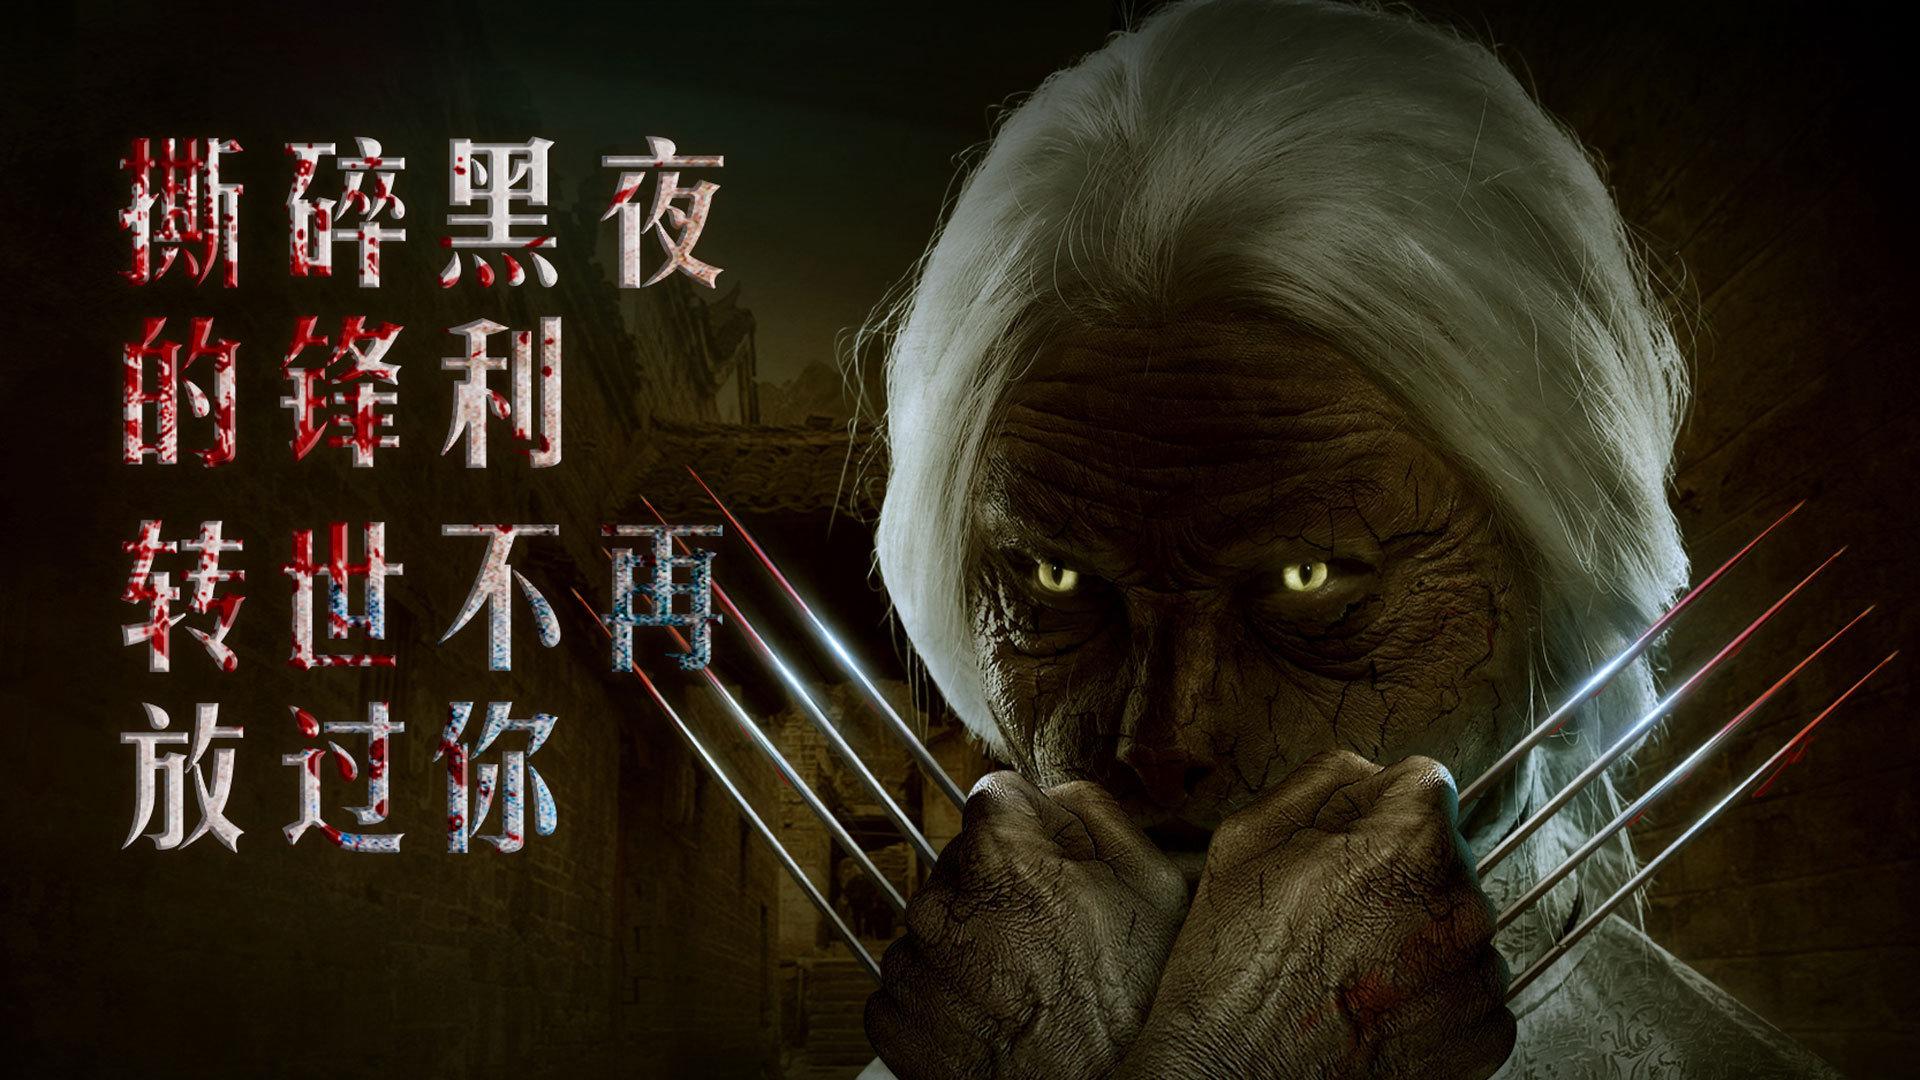 哈尔滨猫脸老太太事件还原真相_灵异恐怖_祥安阁风水网